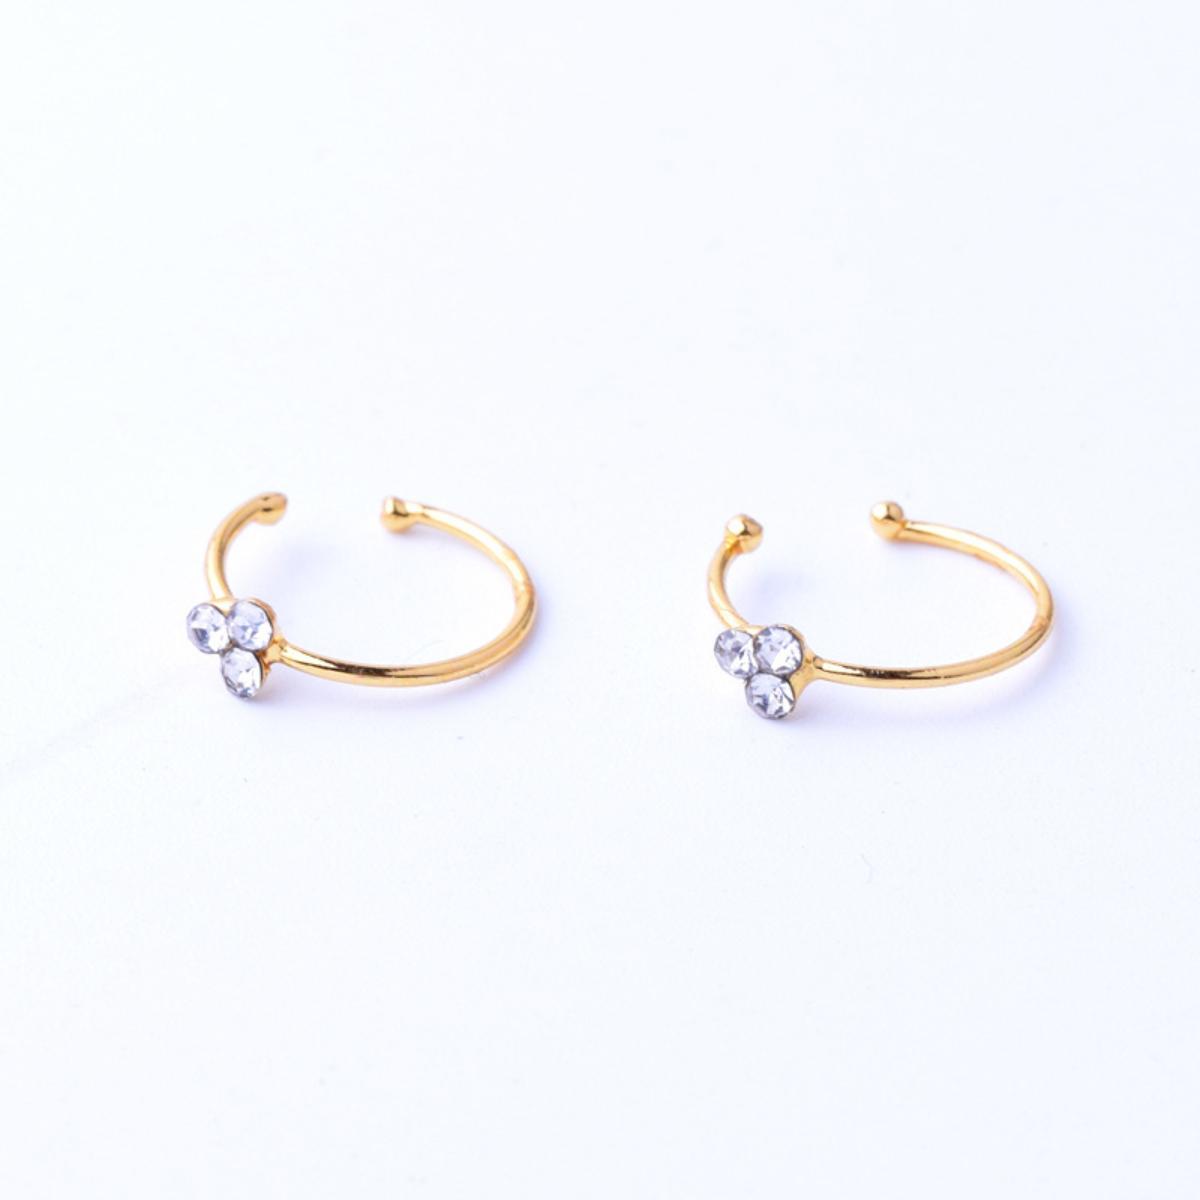 A & ONE Apró Fehér Strasszos Arany Színű Orvosi Acélból Készült Orr Piercing